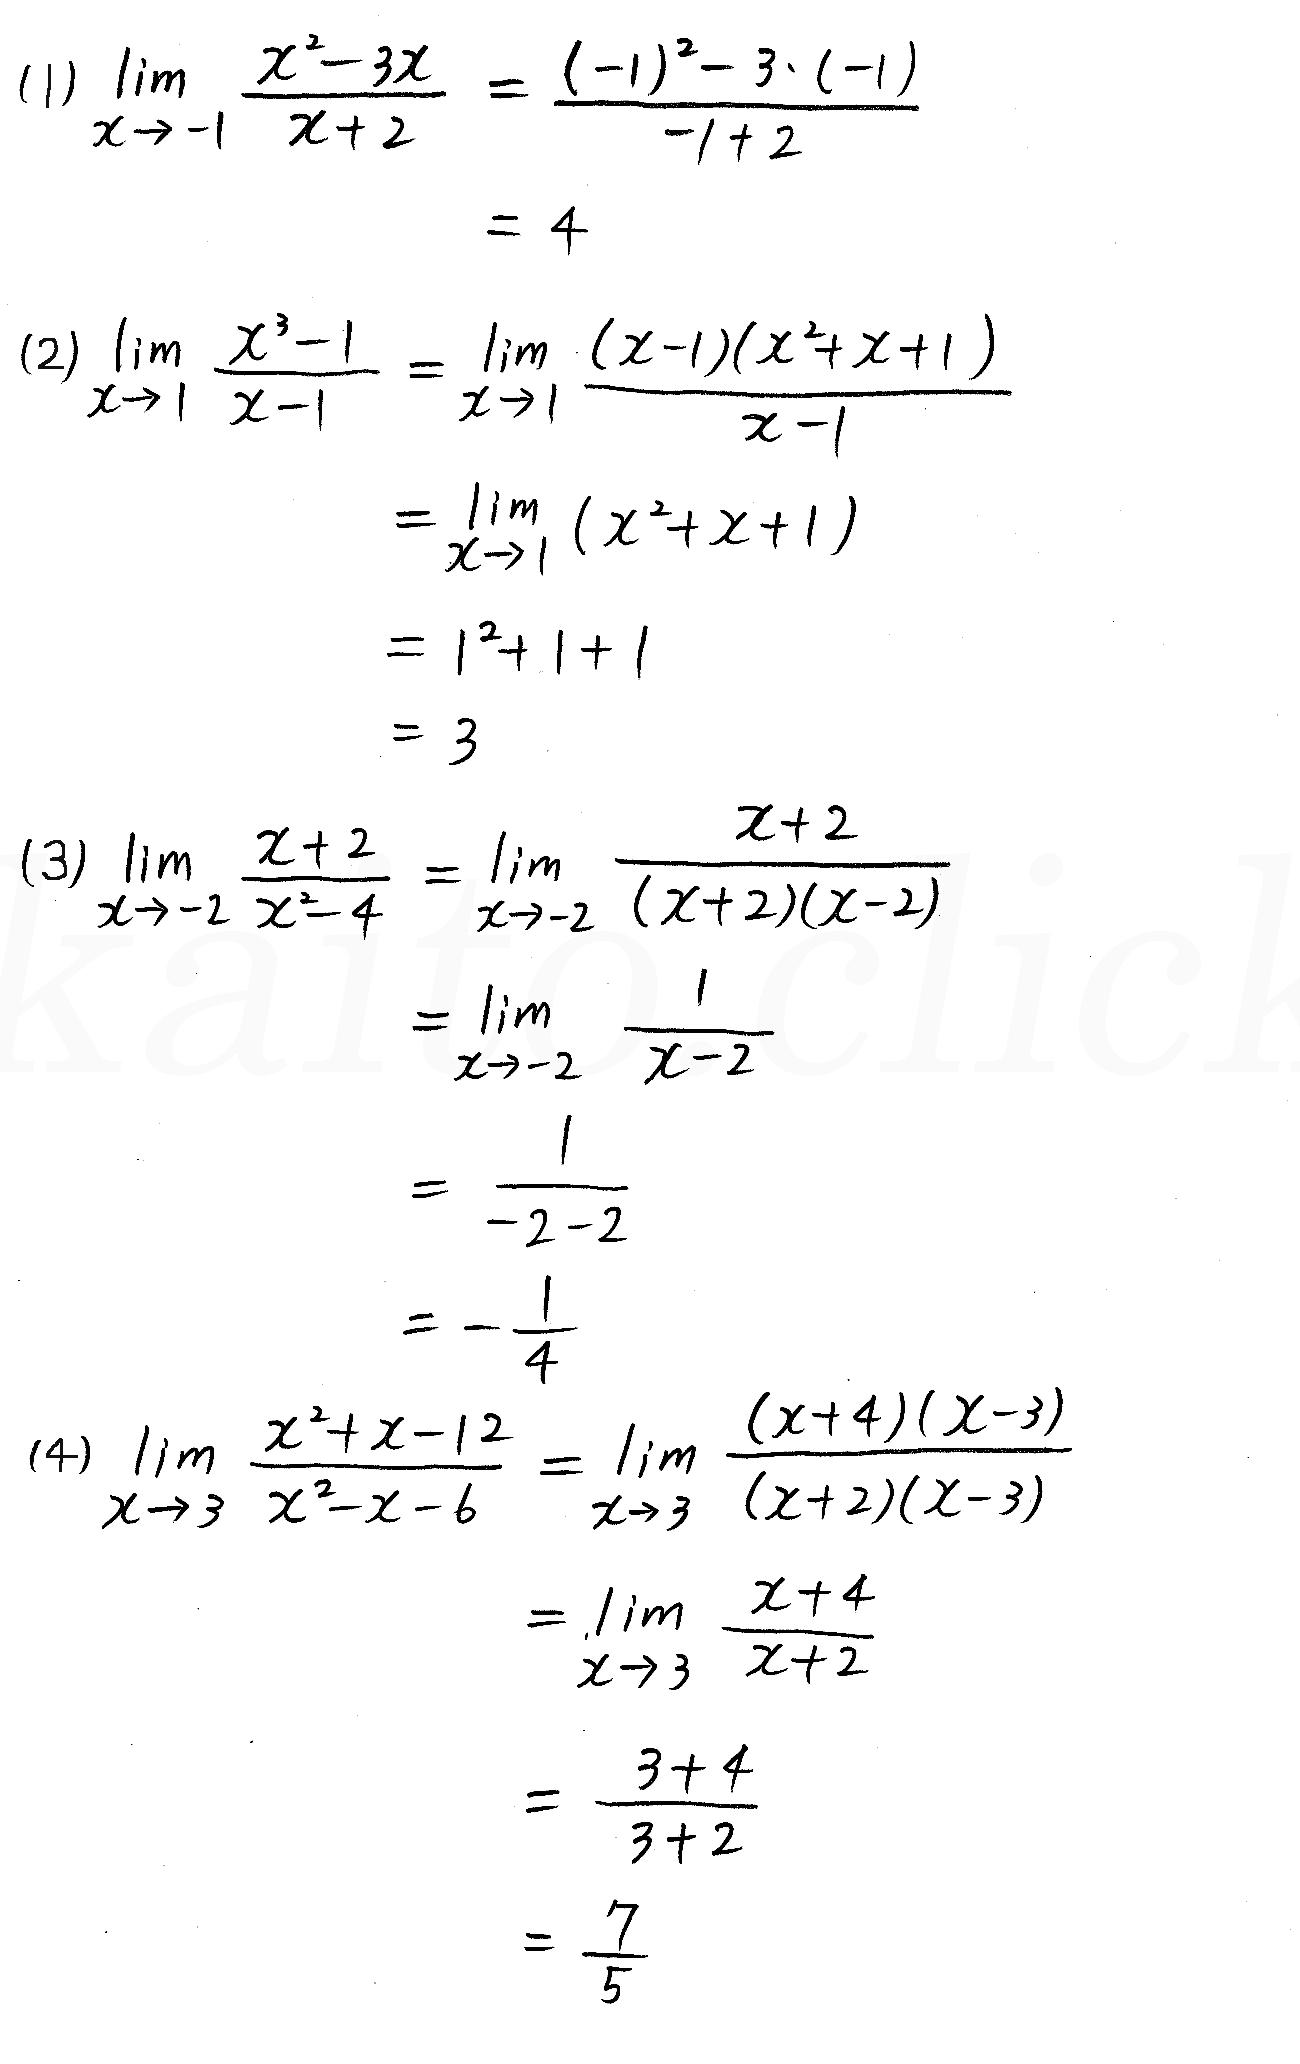 クリアー数学2-394解答